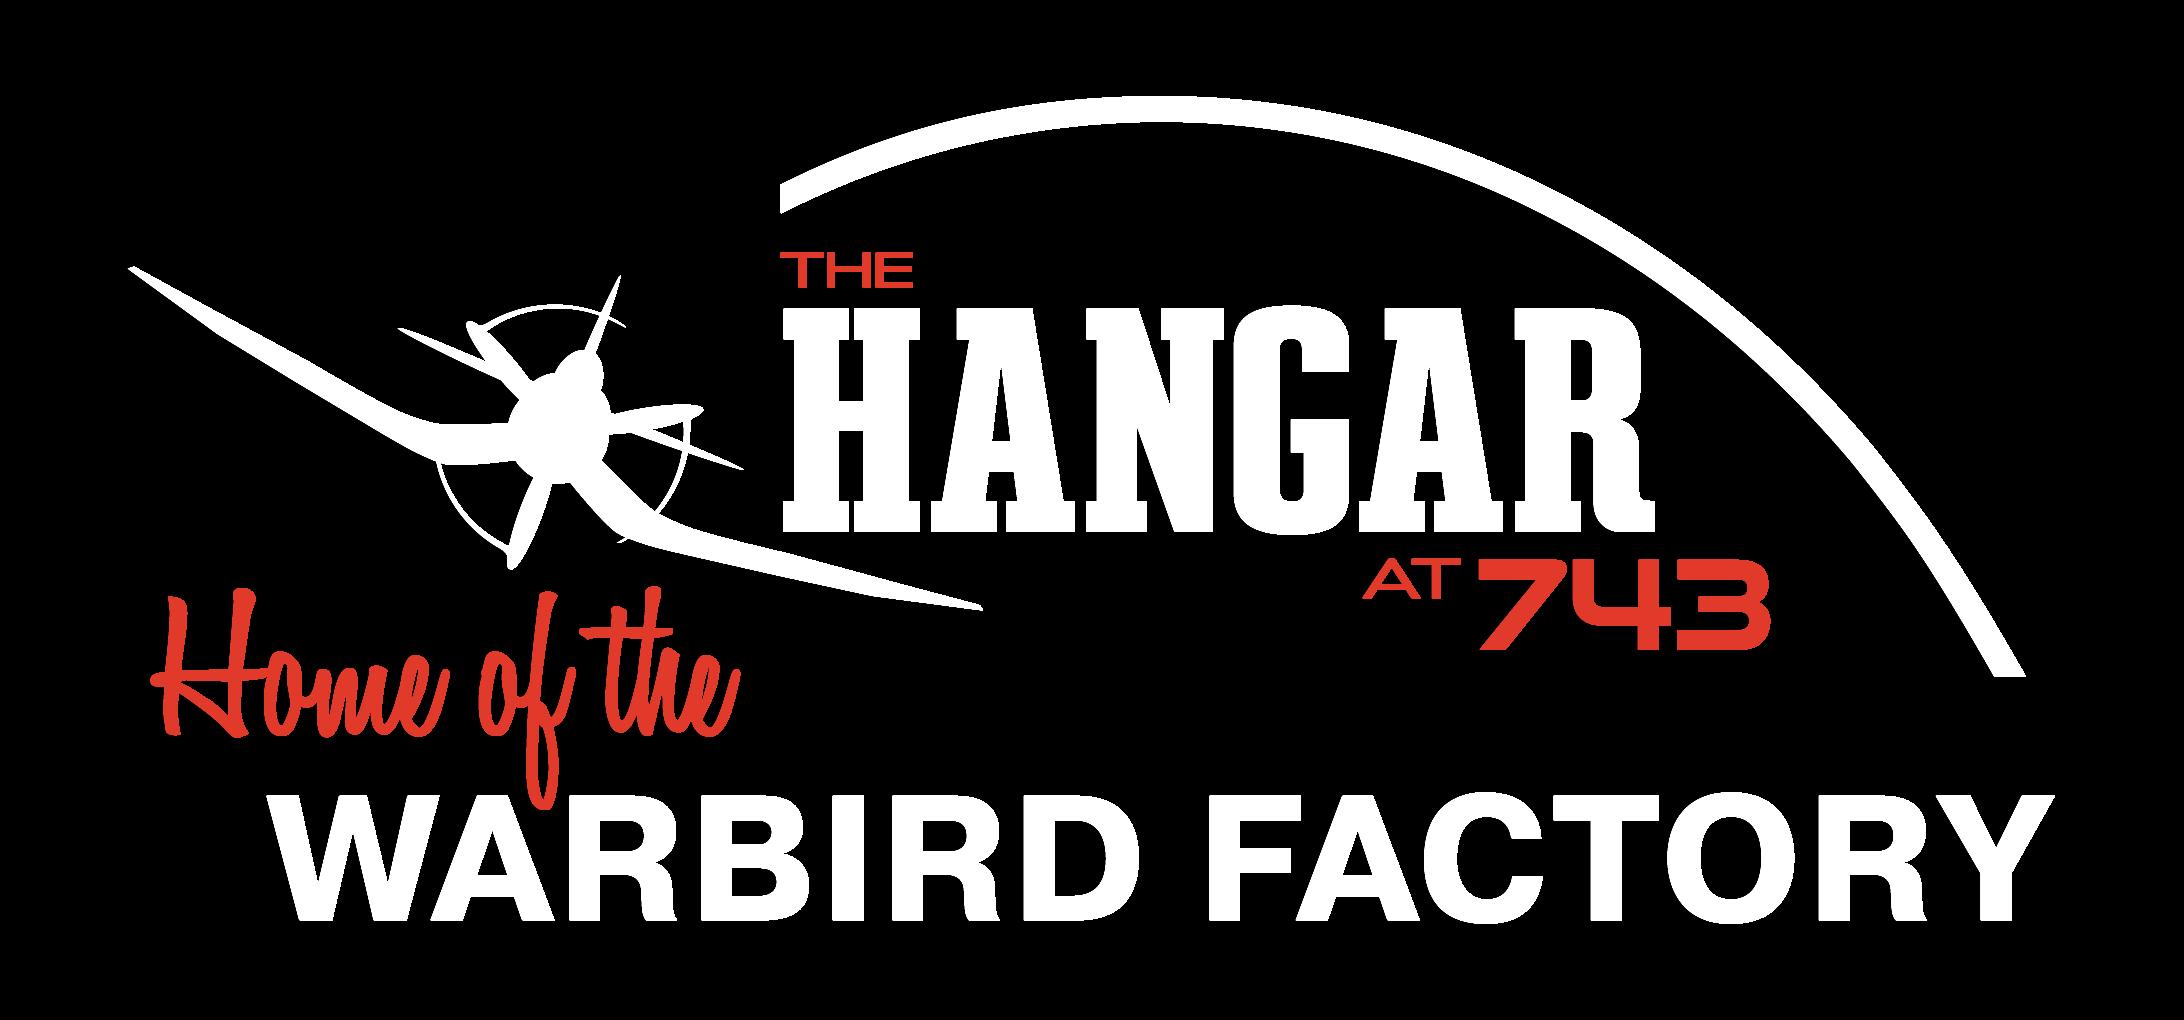 The Hangar at 743